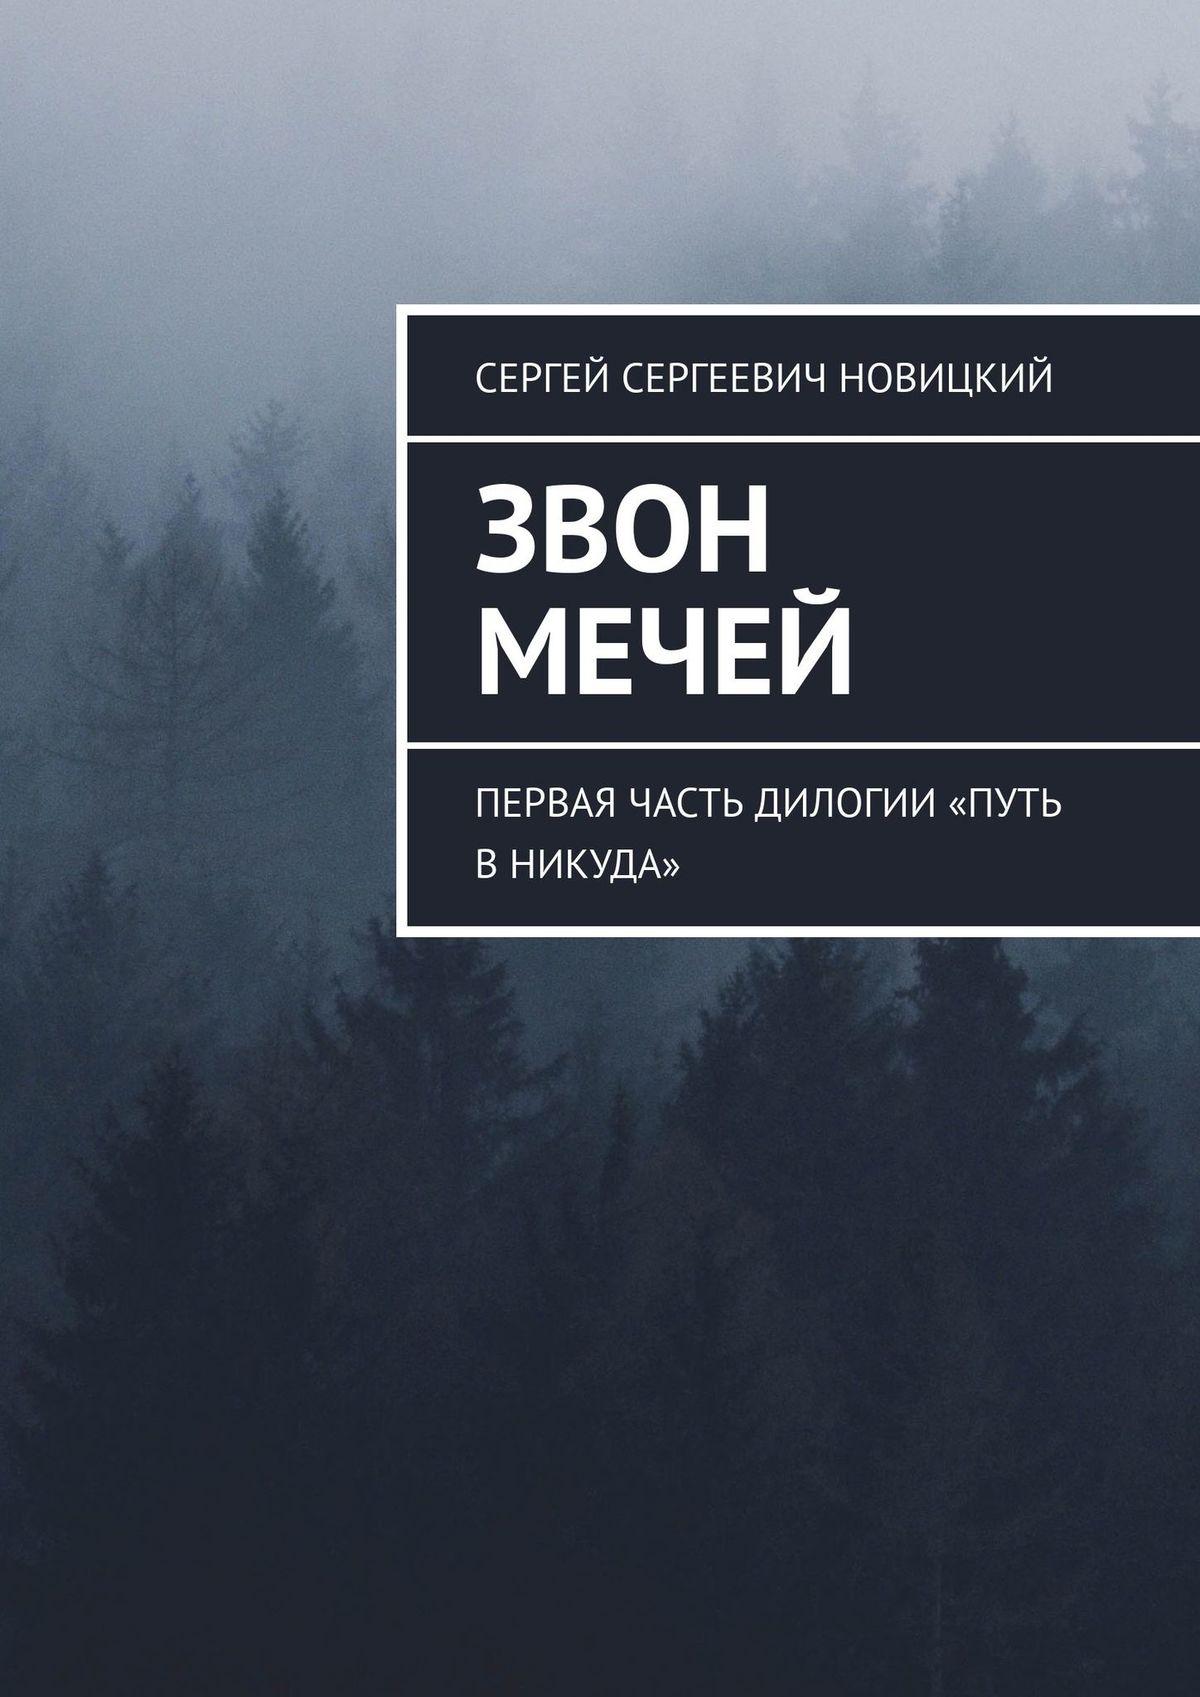 Сергей Новицкий - Звон мечей. Первая часть дилогии «Путь вникуда»